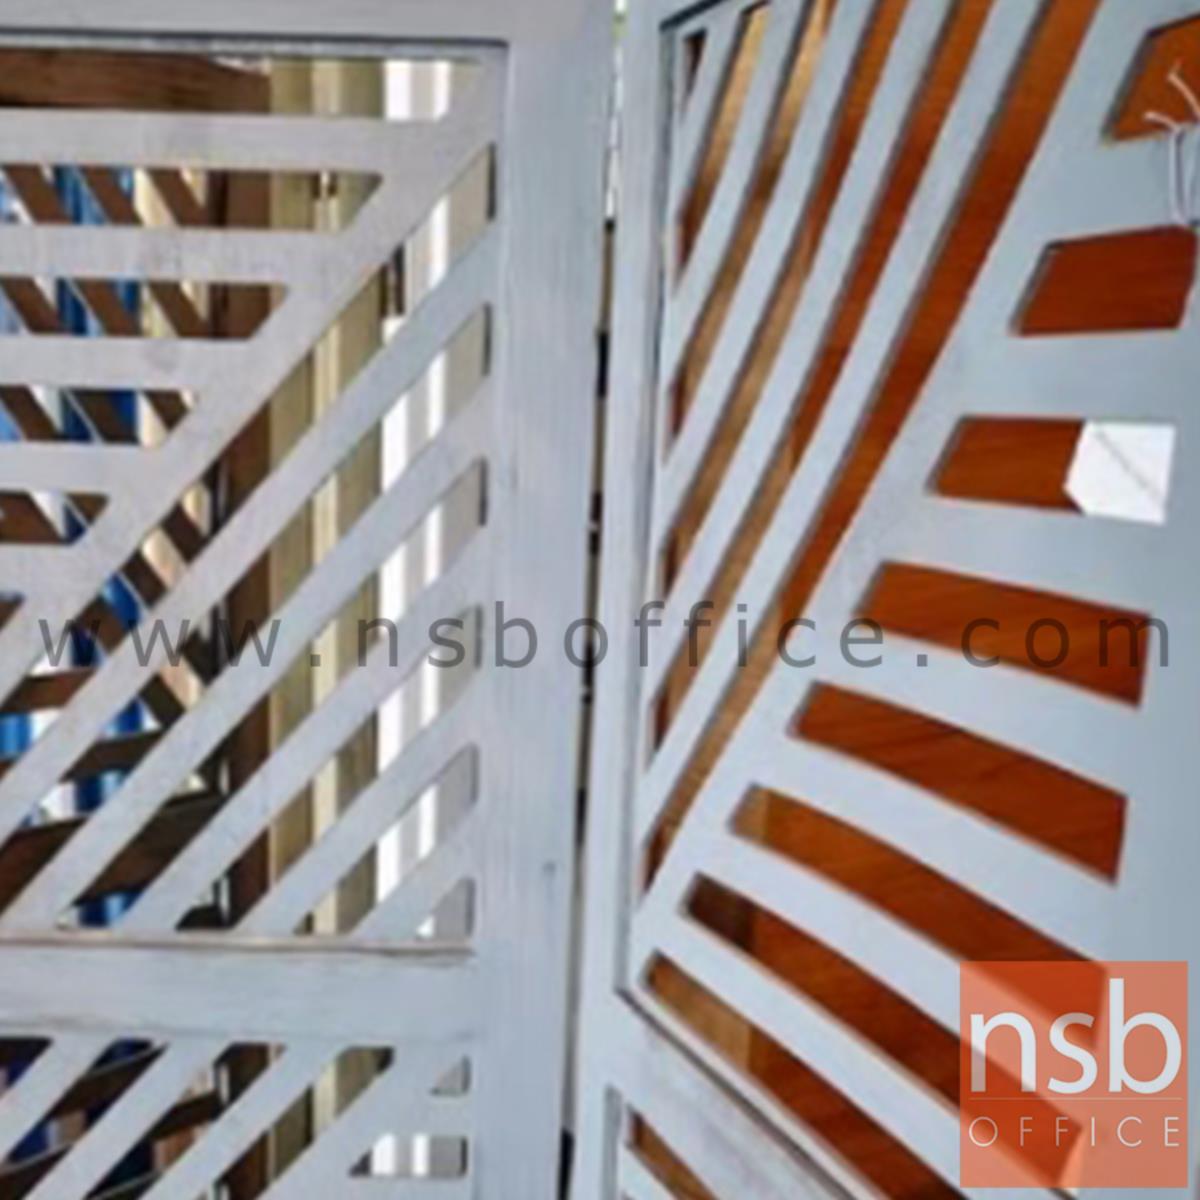 ฉากกั้นห้อง 3 บานพับไม้ รุ่น Sunshine (ซันไชน์) ขนาด 120W*170H cm.